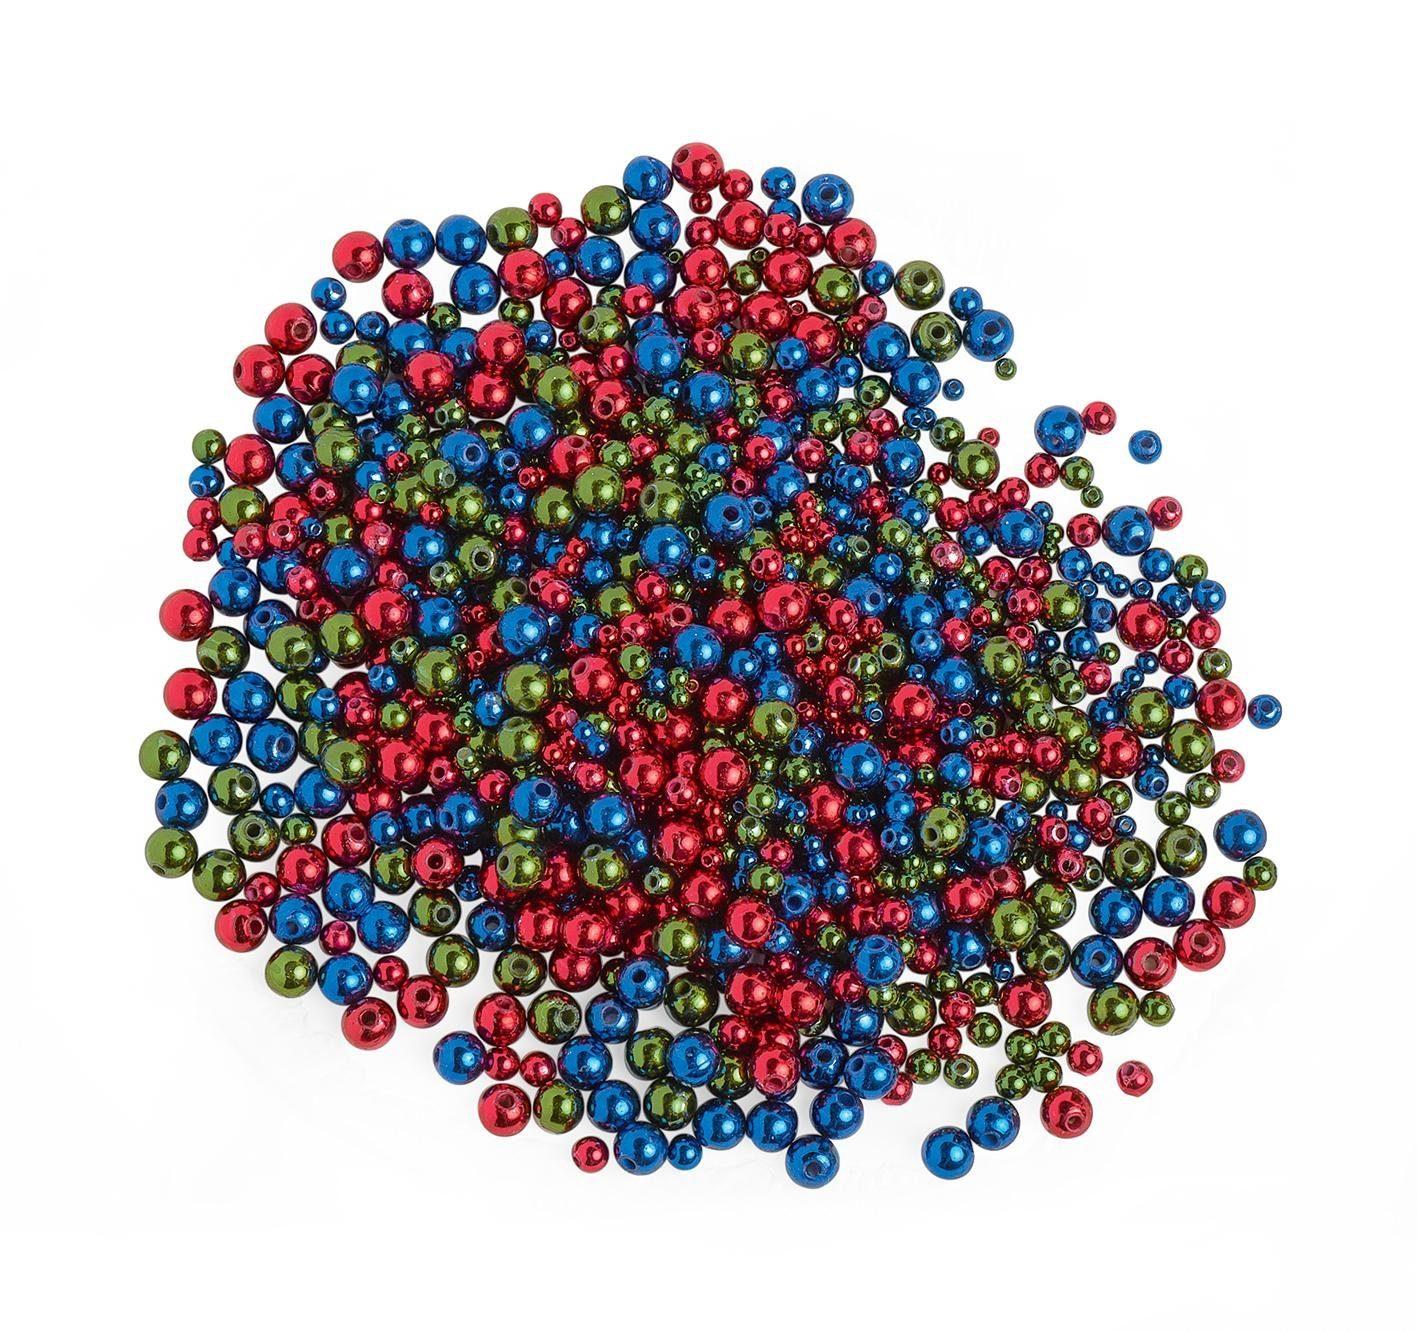 Wachsperlen Metallic Mix, Rot-Blau-Grün, 1000 Stück